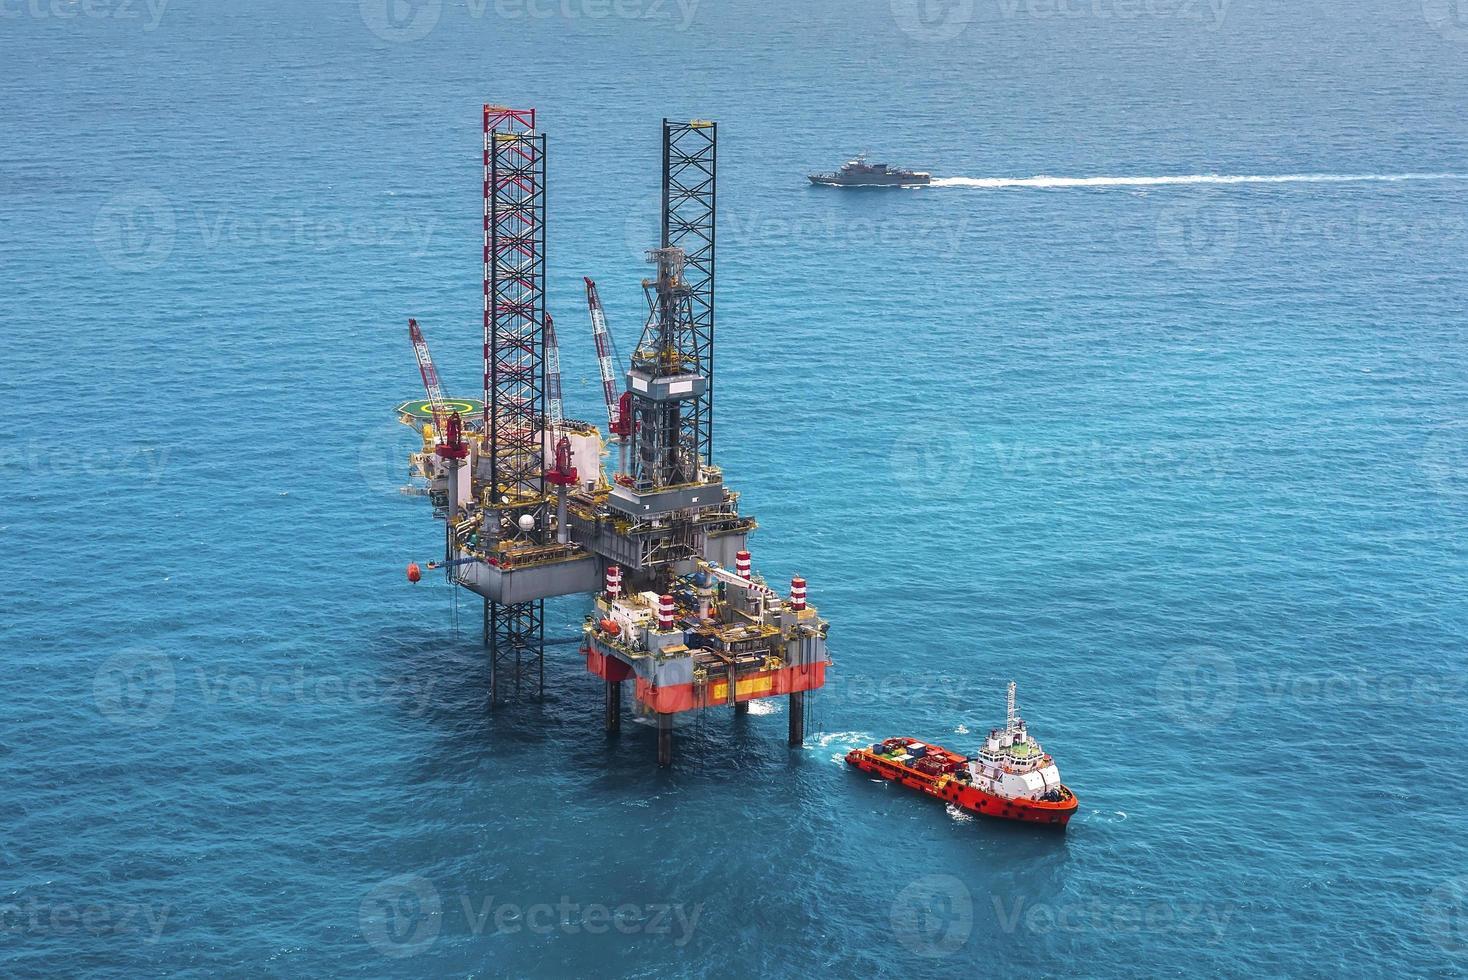 plataforma de perfuração para plataforma de petróleo offshore foto